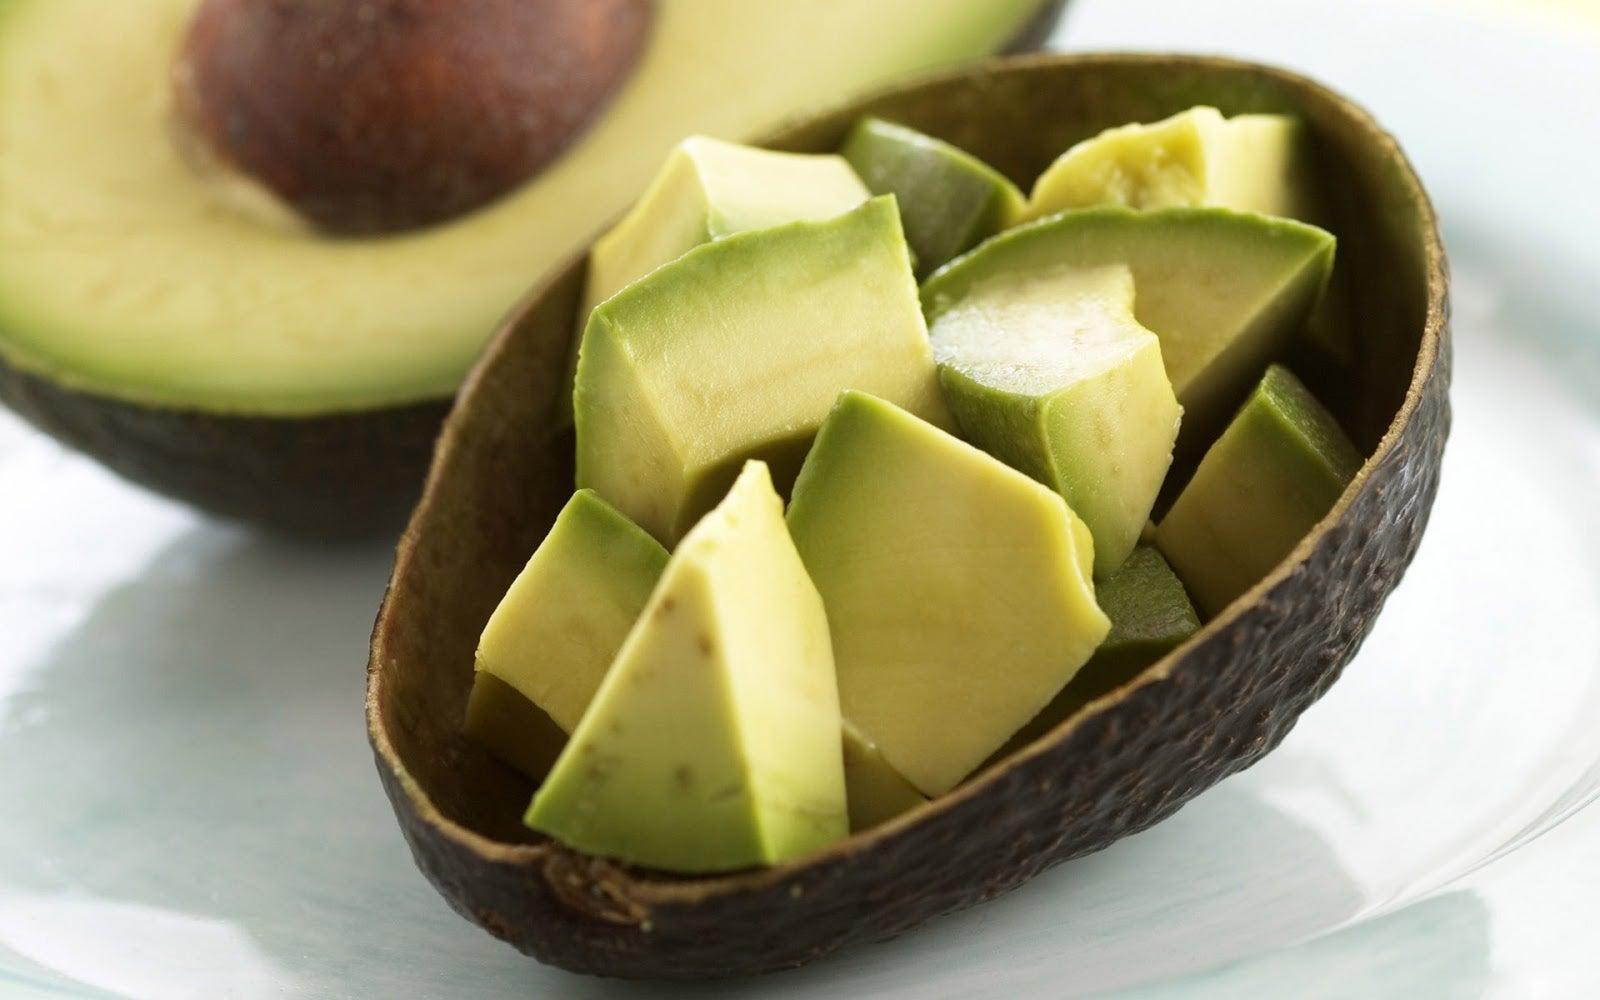 Потрескавшаяся кожа и авокадо